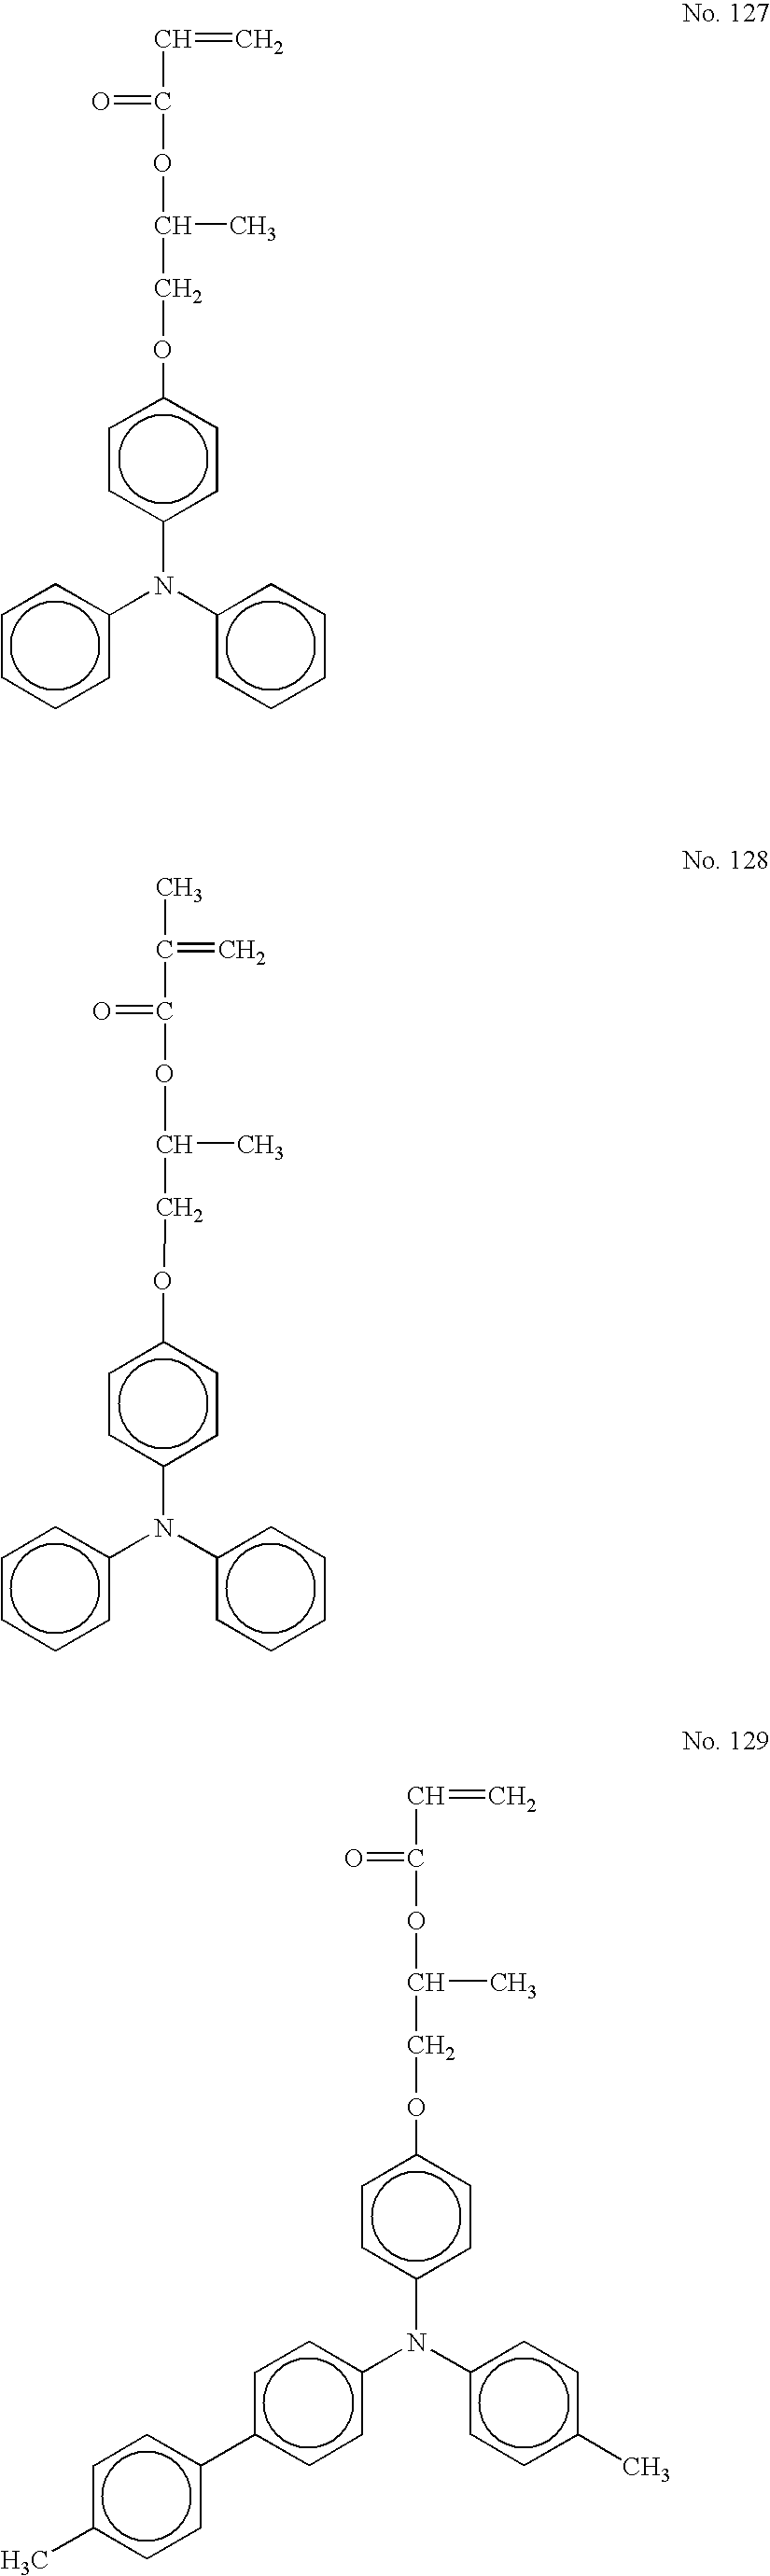 Figure US20040253527A1-20041216-C00057